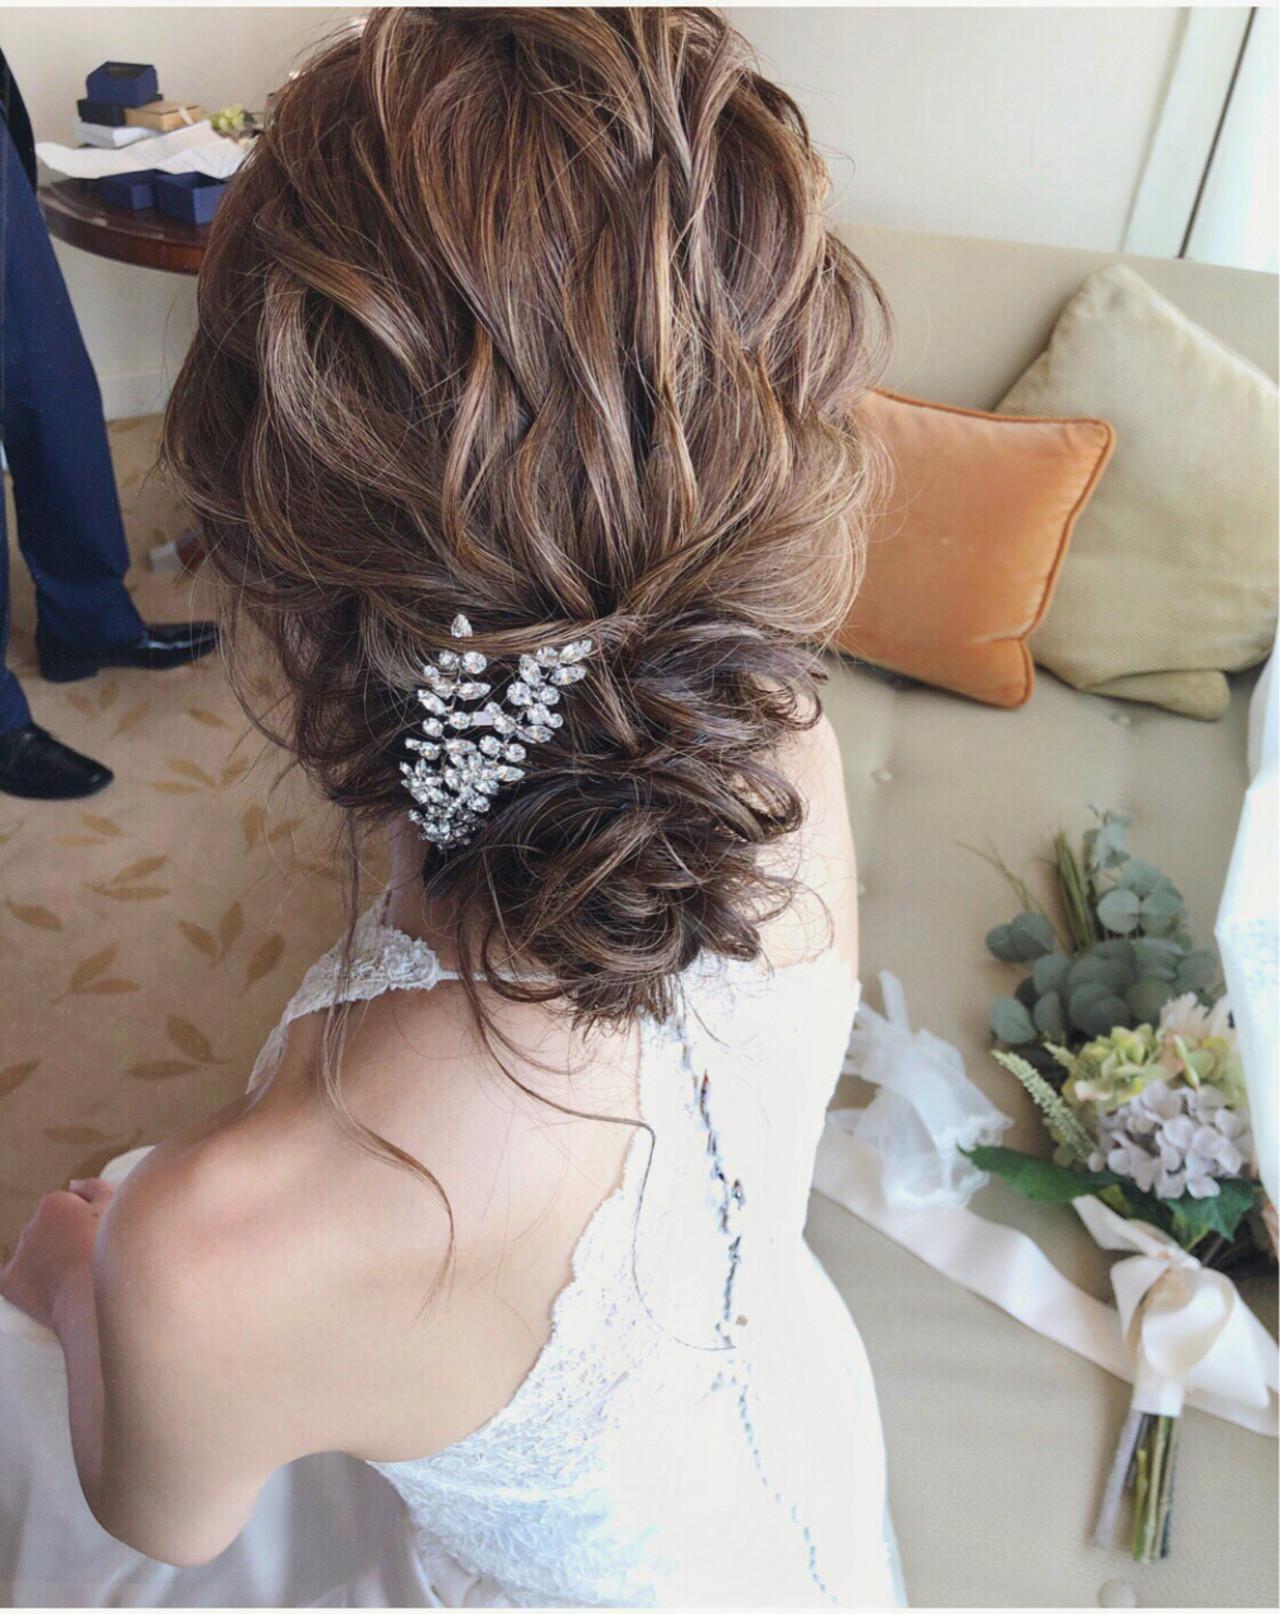 結婚式 ナチュラル 大人女子 パーティ ヘアスタイルや髪型の写真・画像